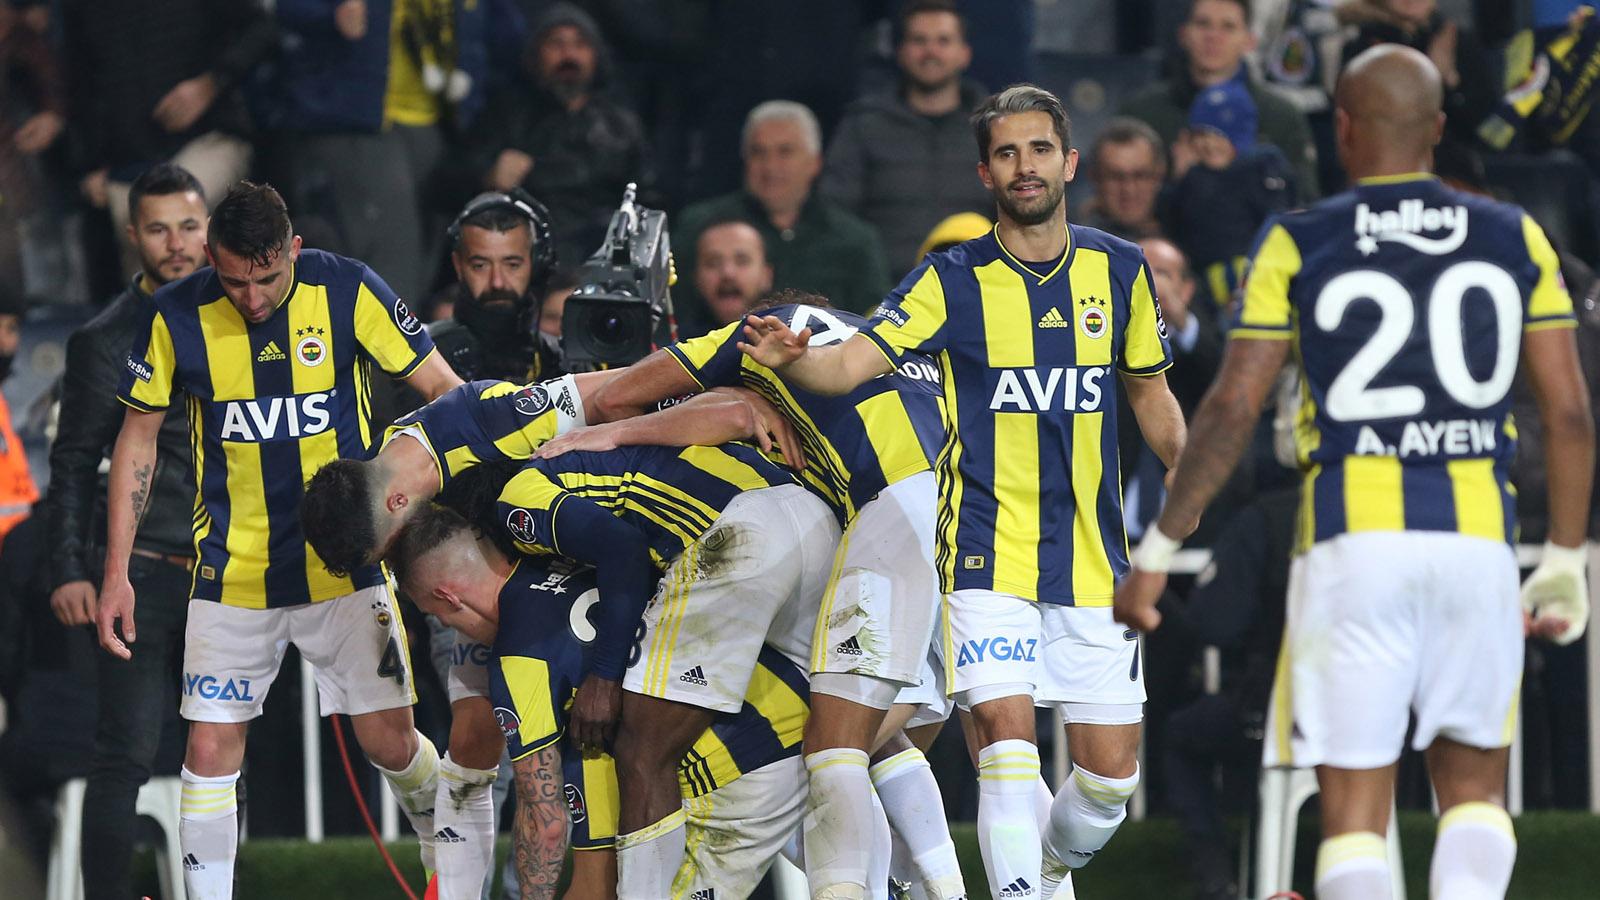 Fenerbahçemiz, Akhisarspor'u konuk ediyor